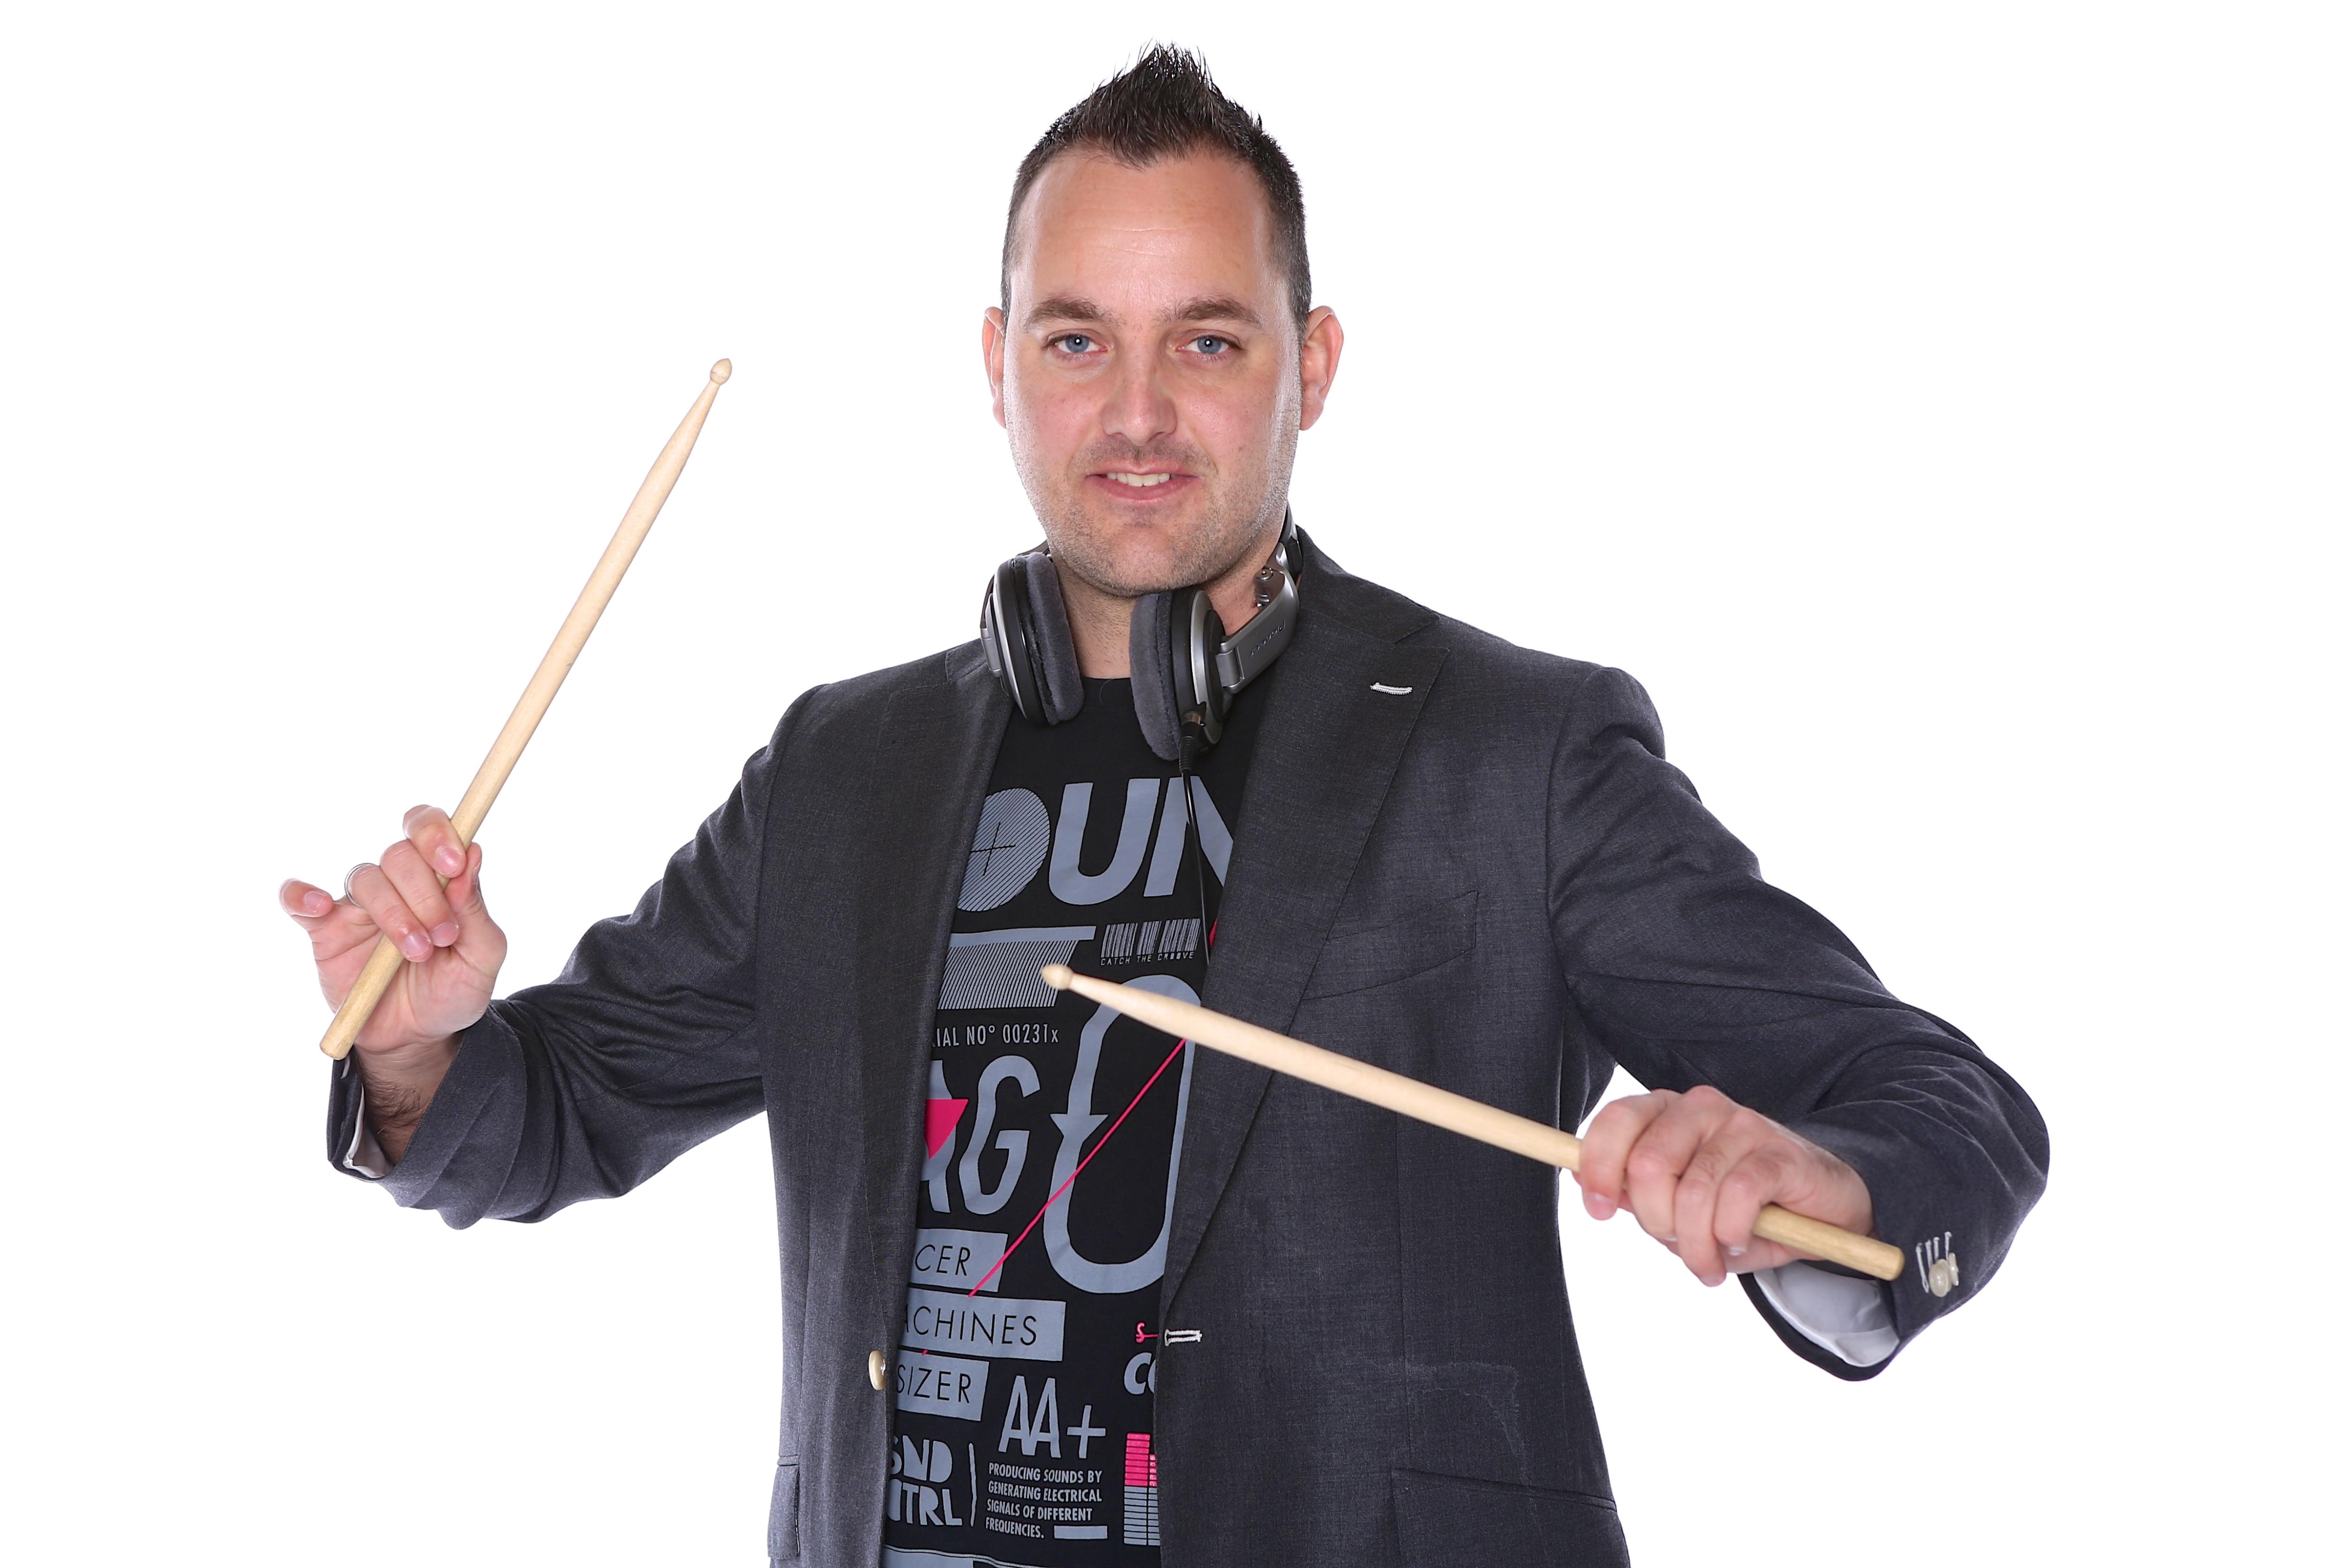 DJ Drummer